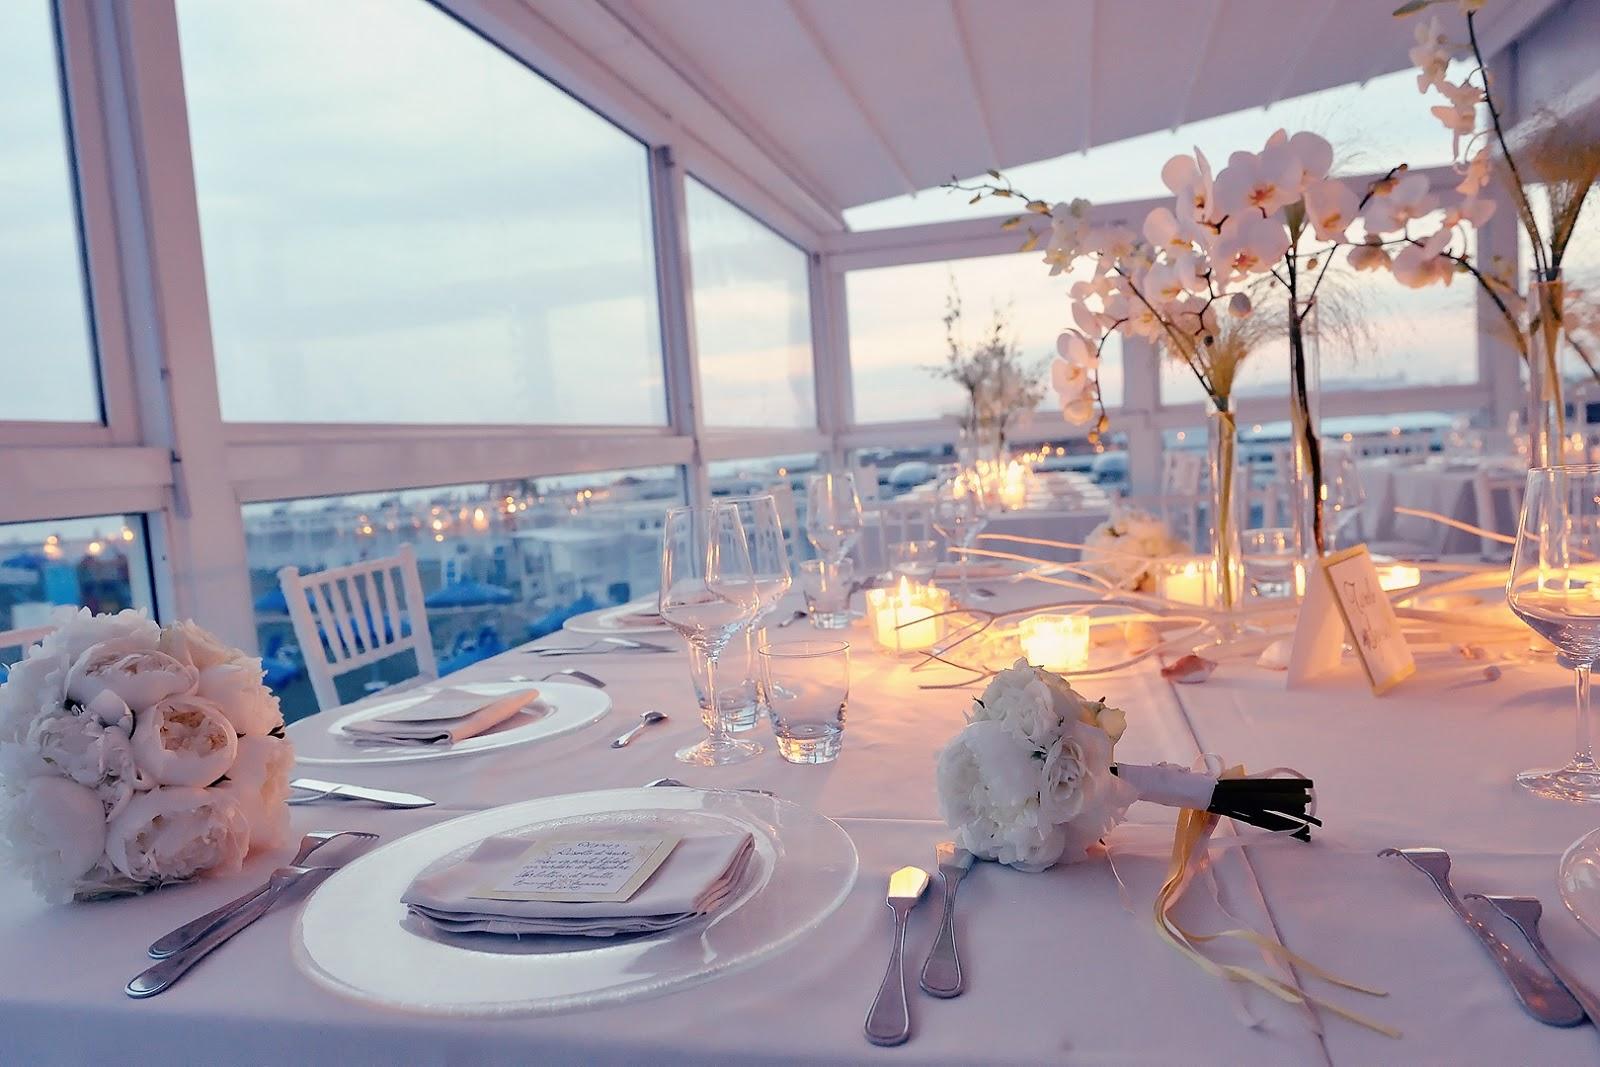 Tableau Matrimonio Spiaggia : Matrimonio in spiaggia sotto l